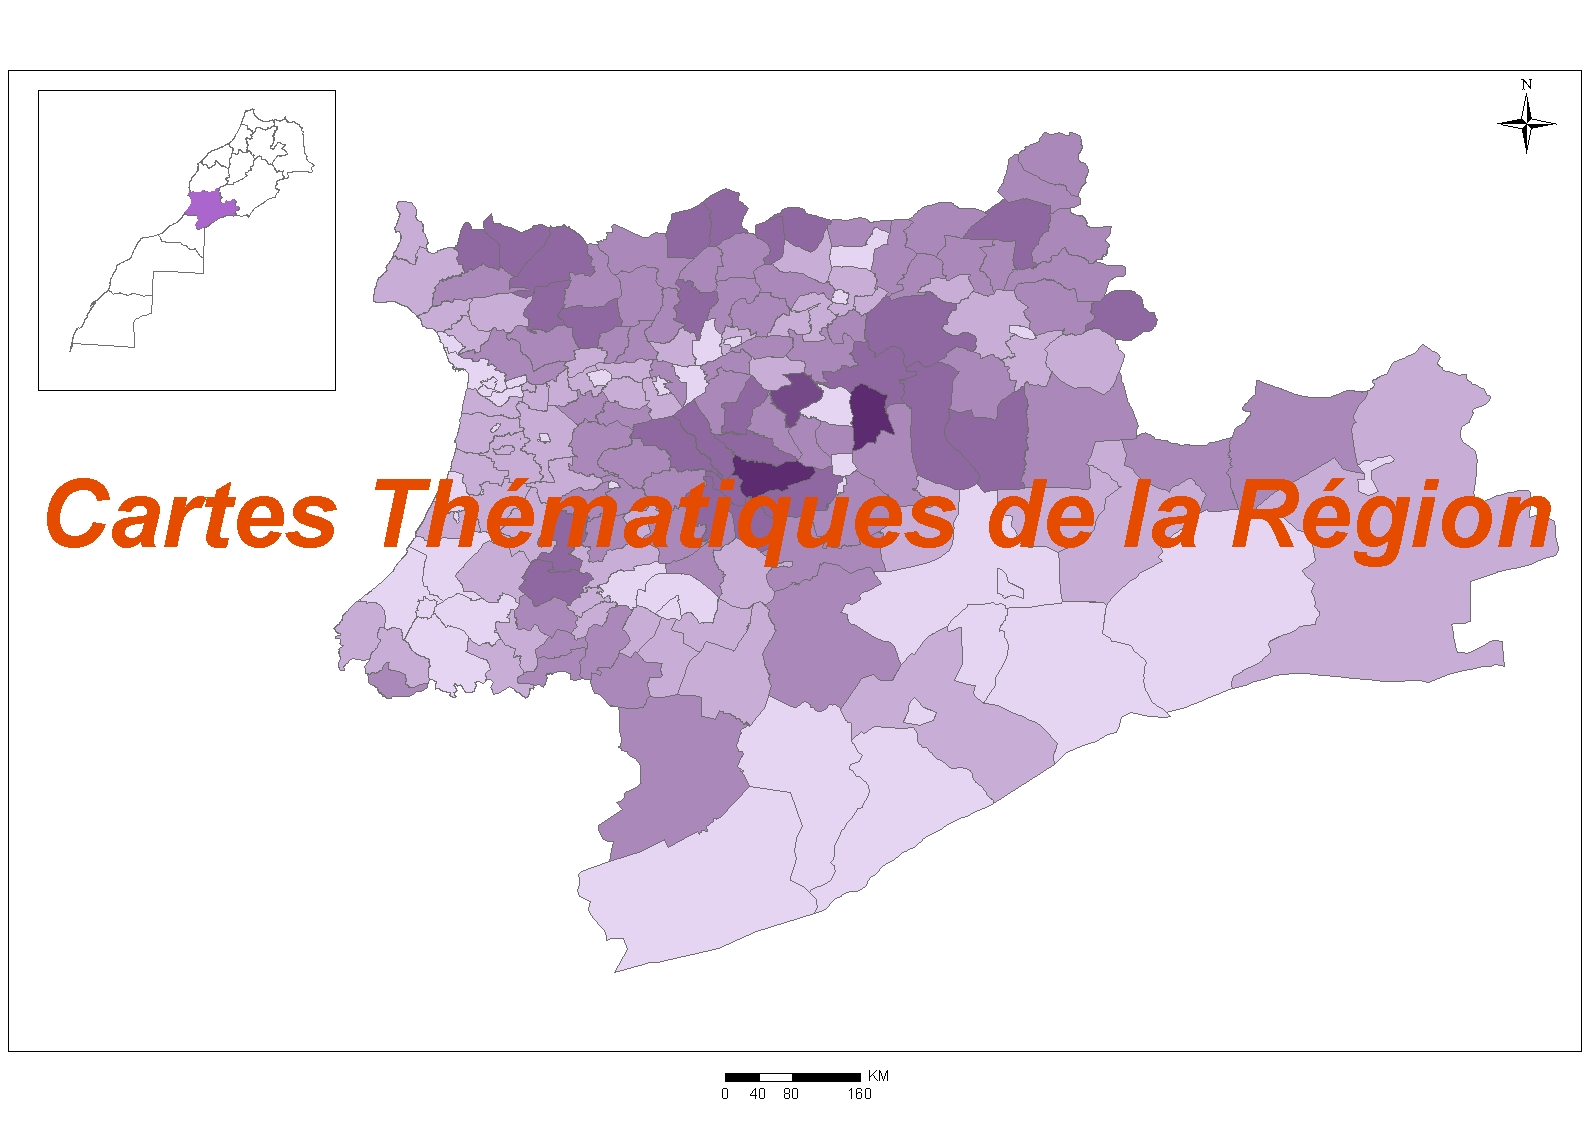 Cartes thématiques de la région : Education